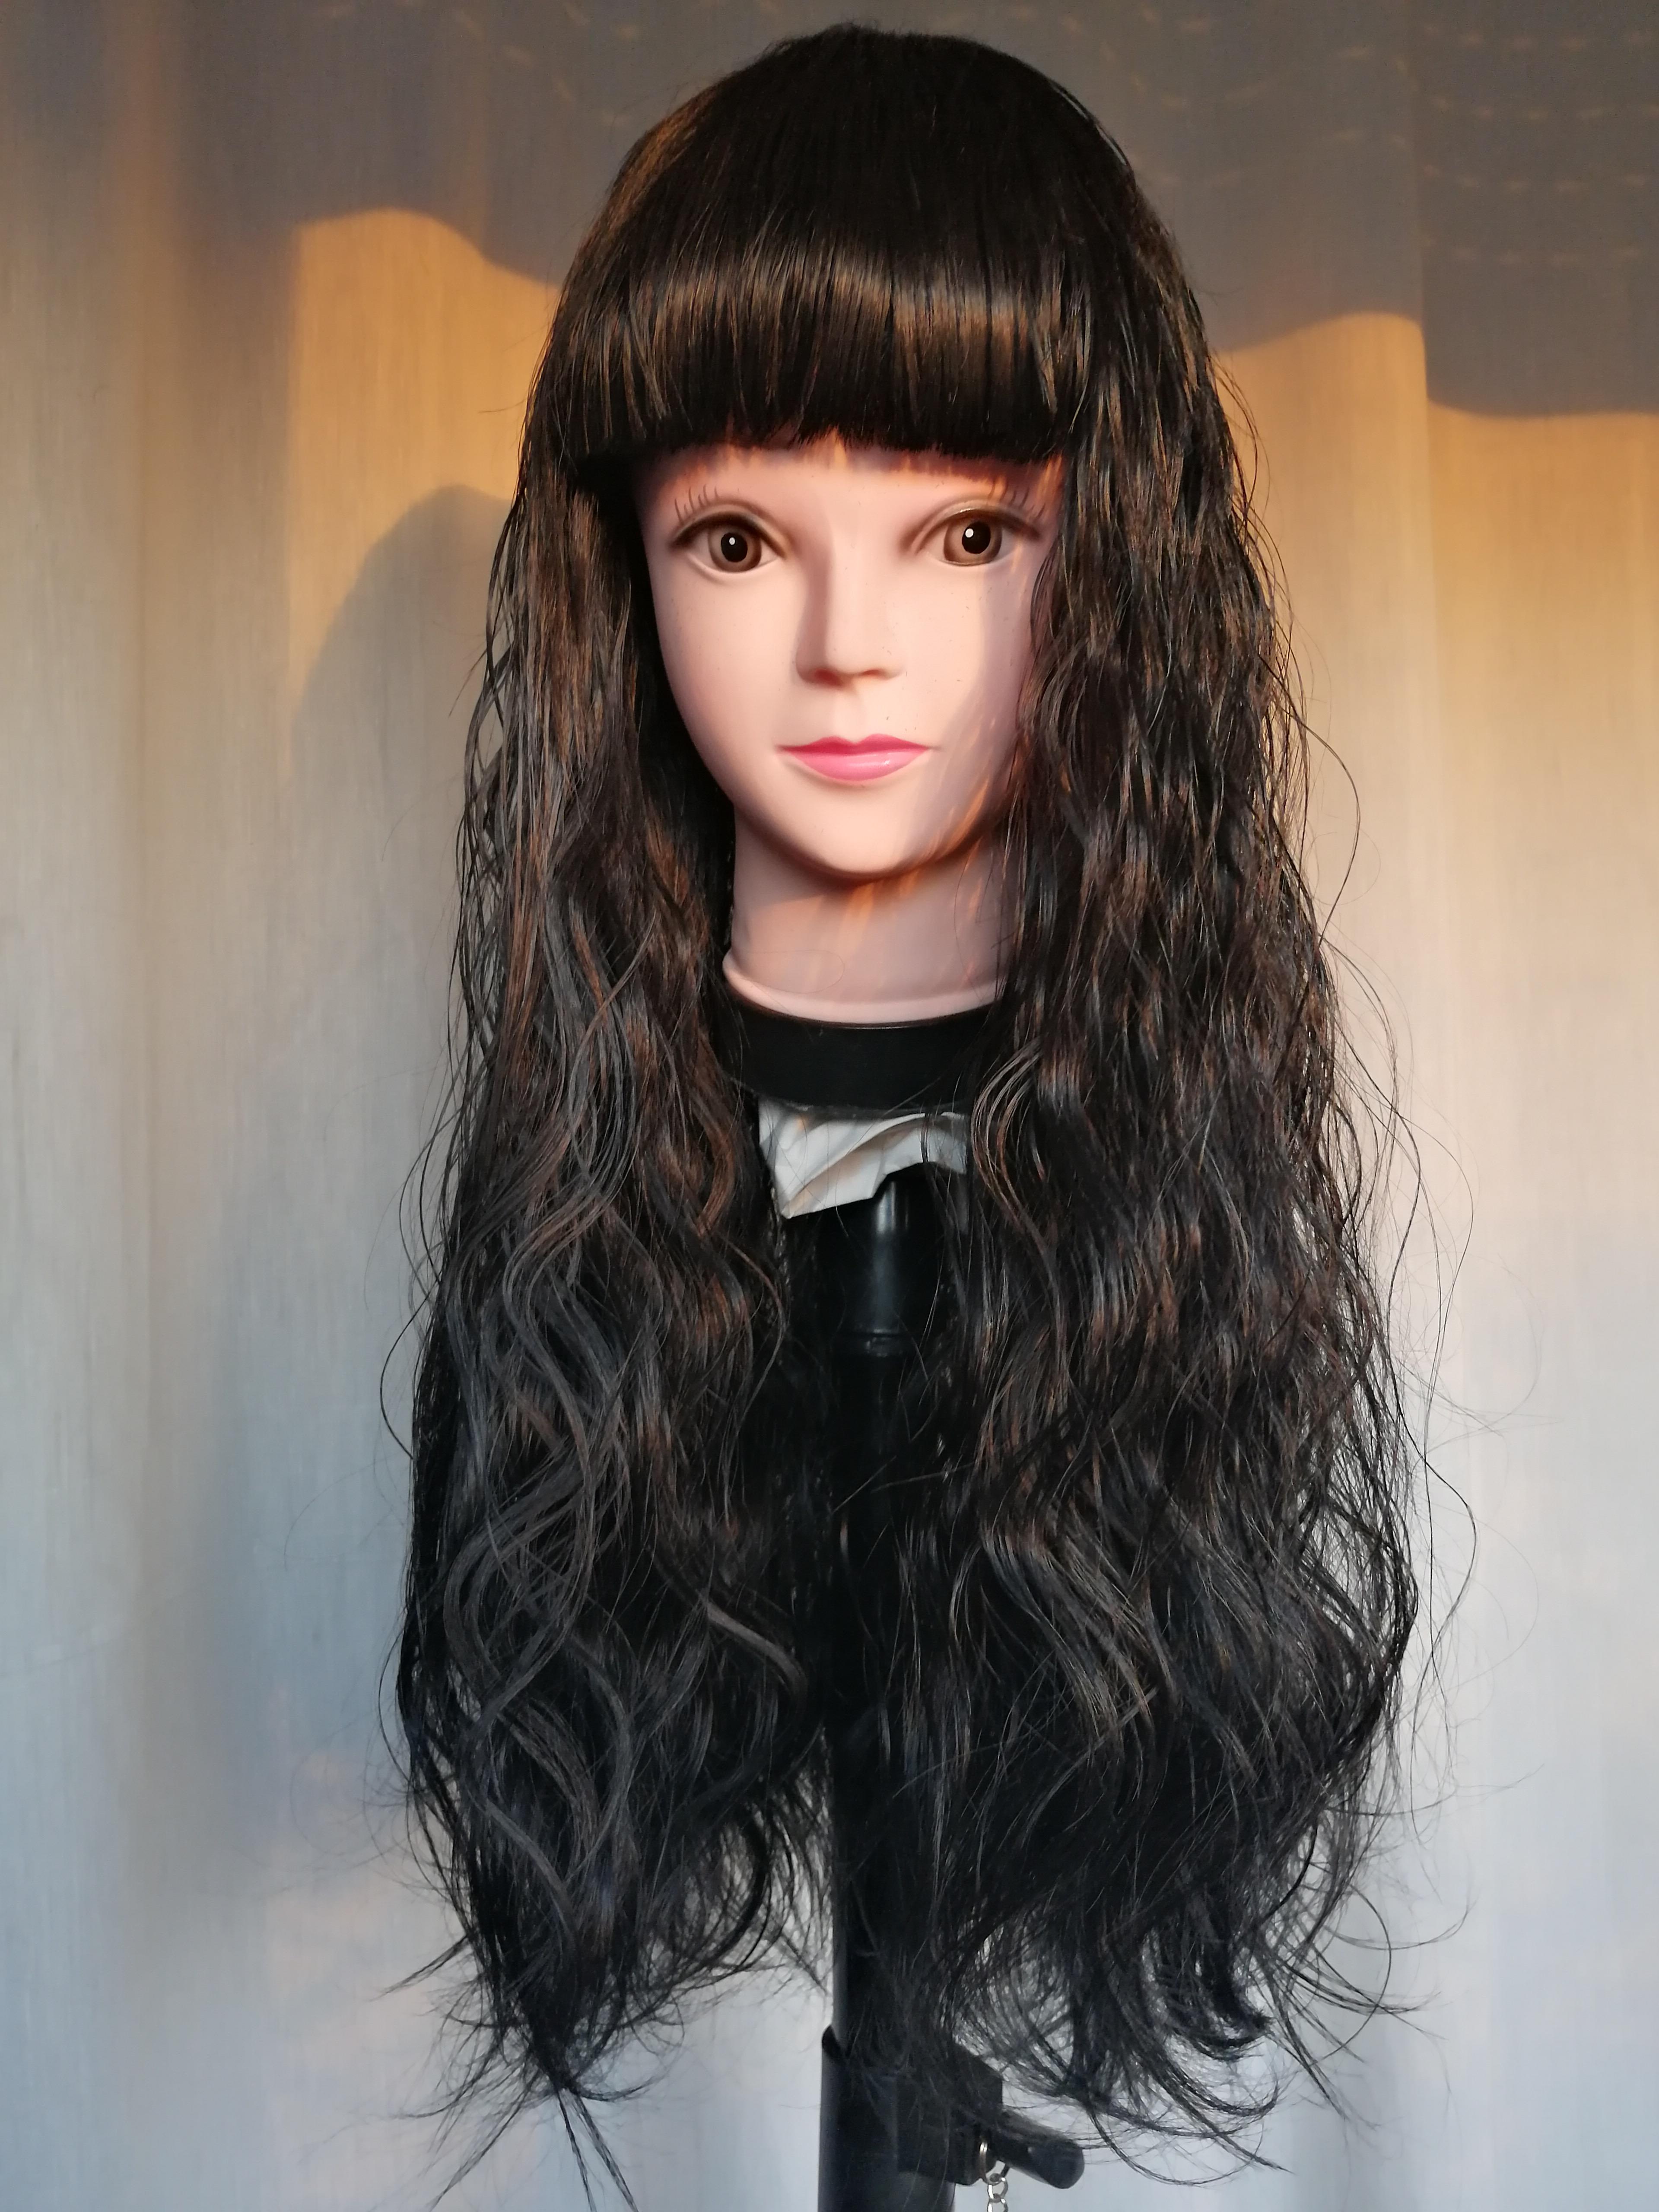 salon de coiffure afro tresse tresses box braids crochet braids vanilles tissages paris 75 77 78 91 92 93 94 95 NIJSKVXZ